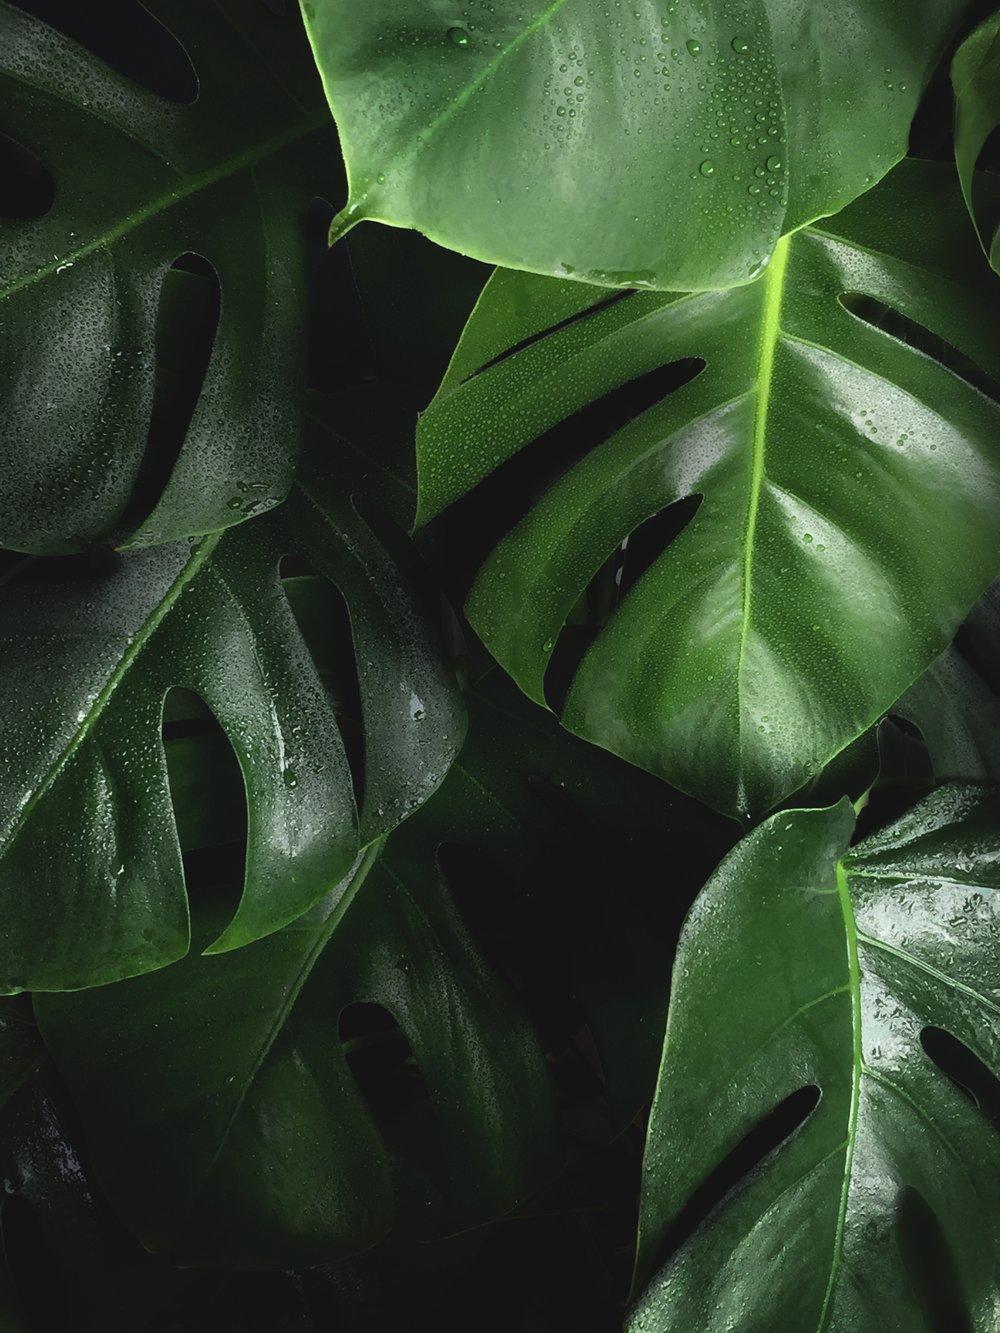 lush foliage plant.jpg